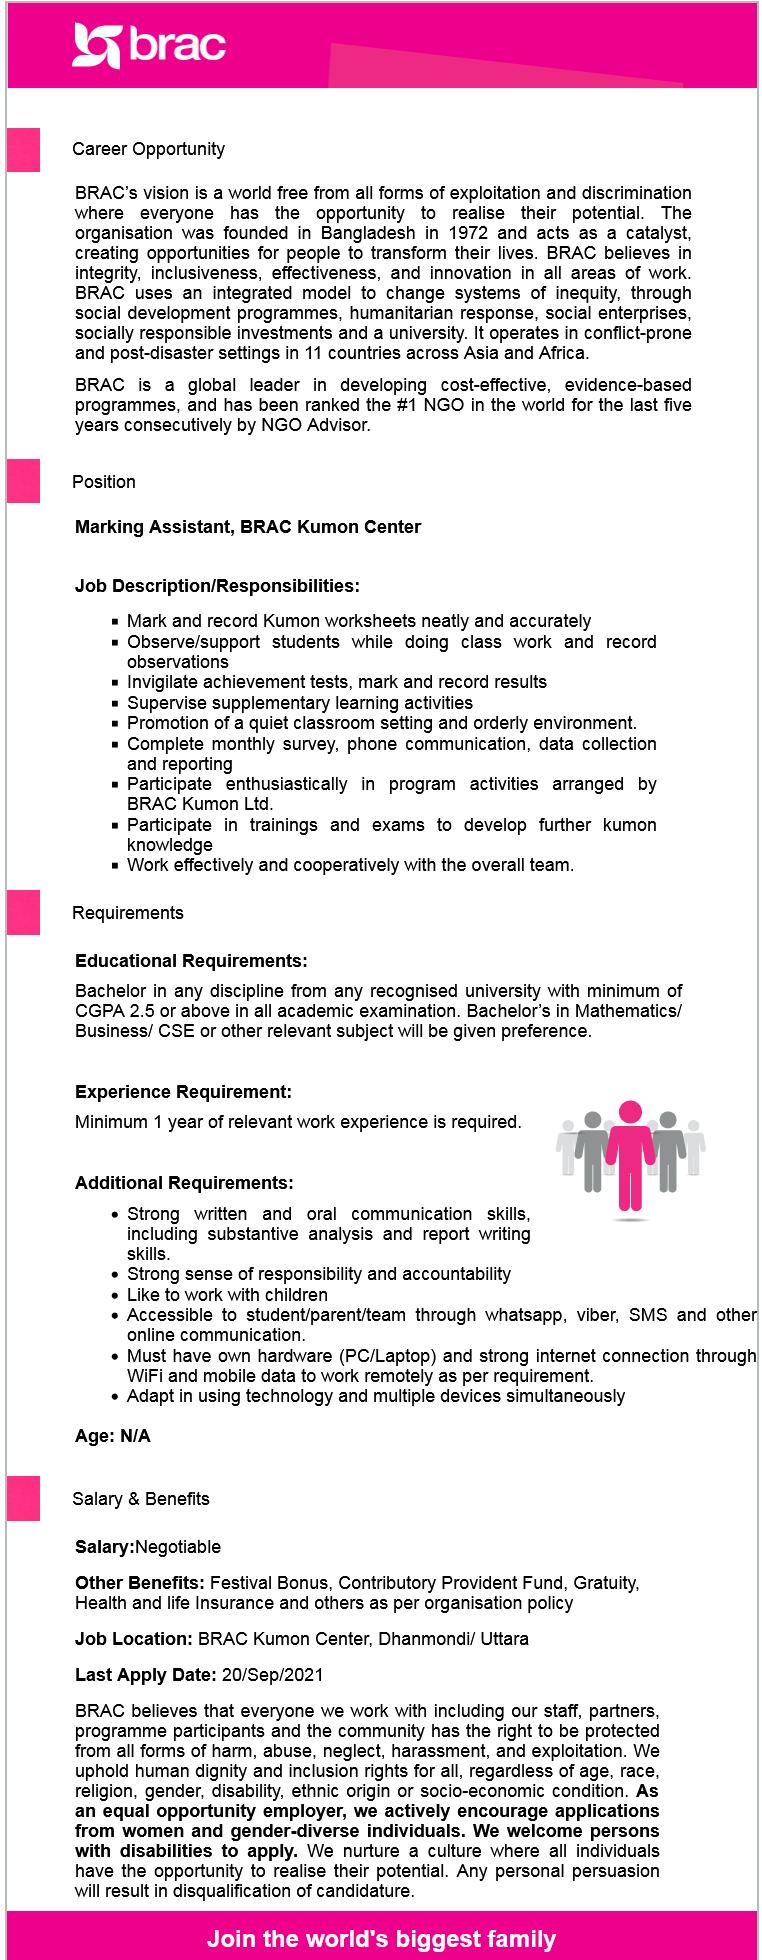 ব্র্যাক এনজিও নিয়োগ বিজ্ঞপ্তি ২০২১ , BRAC NGO Job Circular 2021 ,ব্রাক এনজিওতে নিয়োগ ২০২১,  এনজিও নিয়োগ বিজ্ঞপ্তি ২০২১